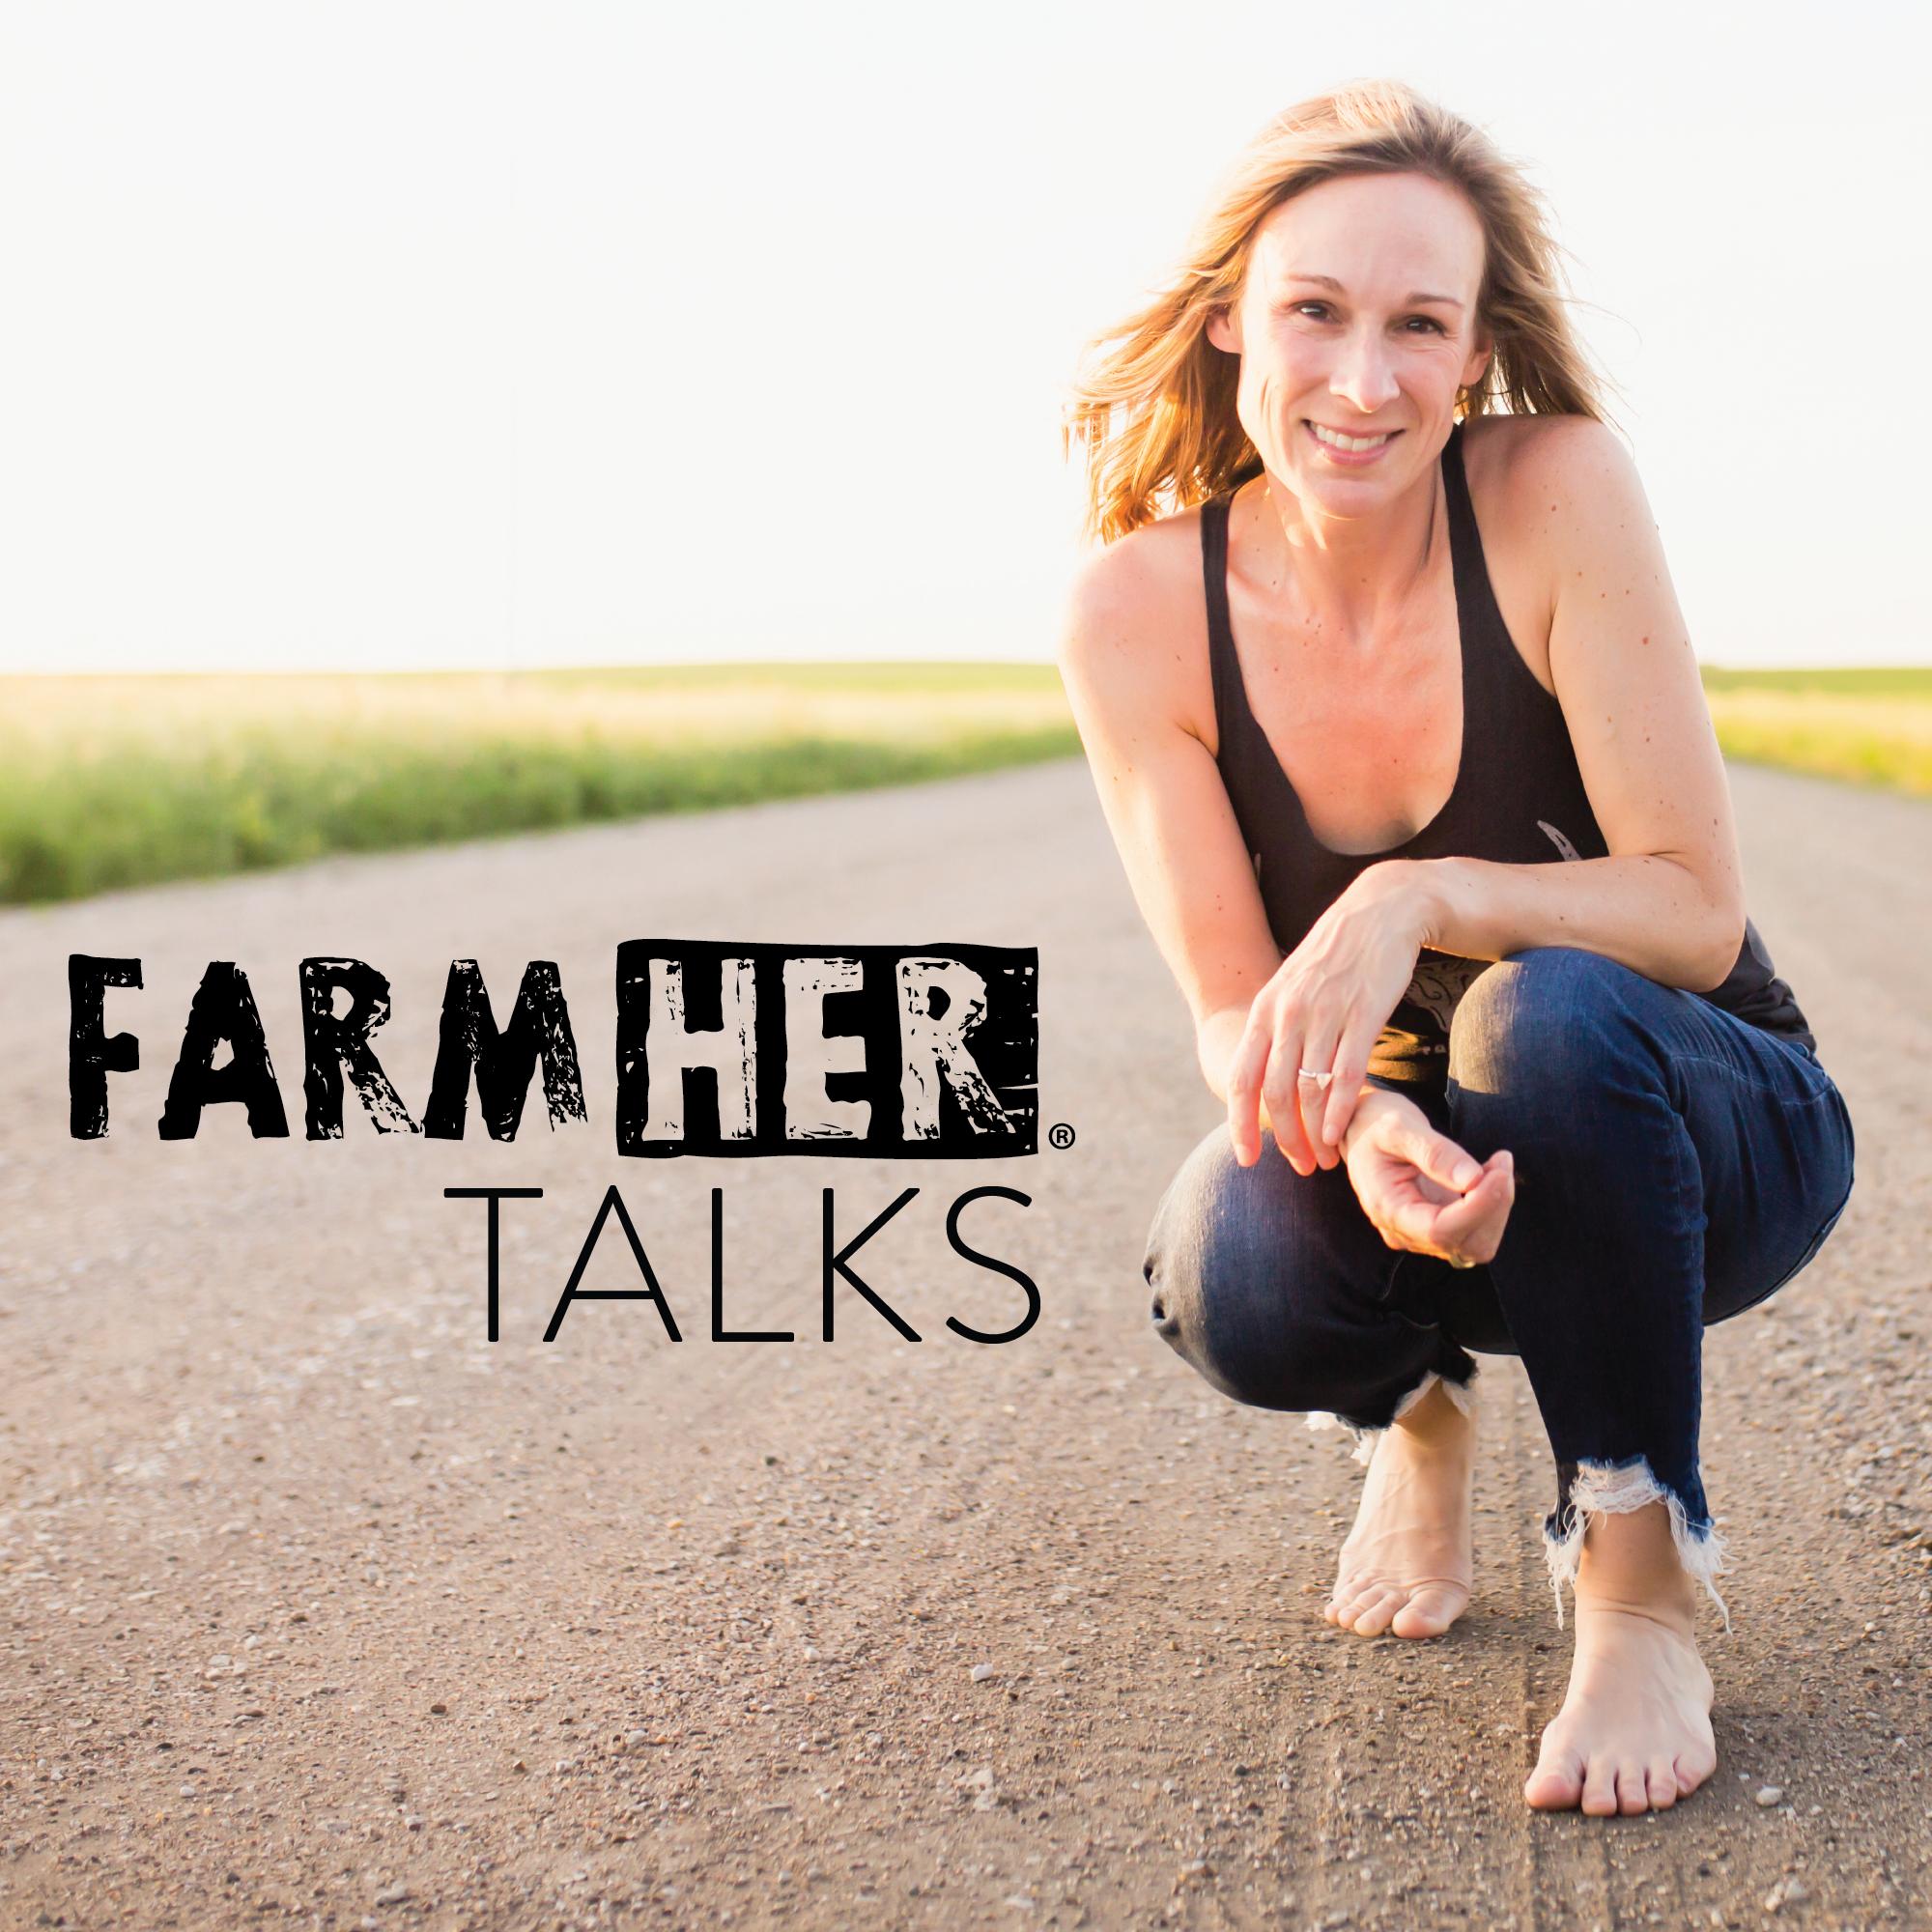 FarmHer Talks show art